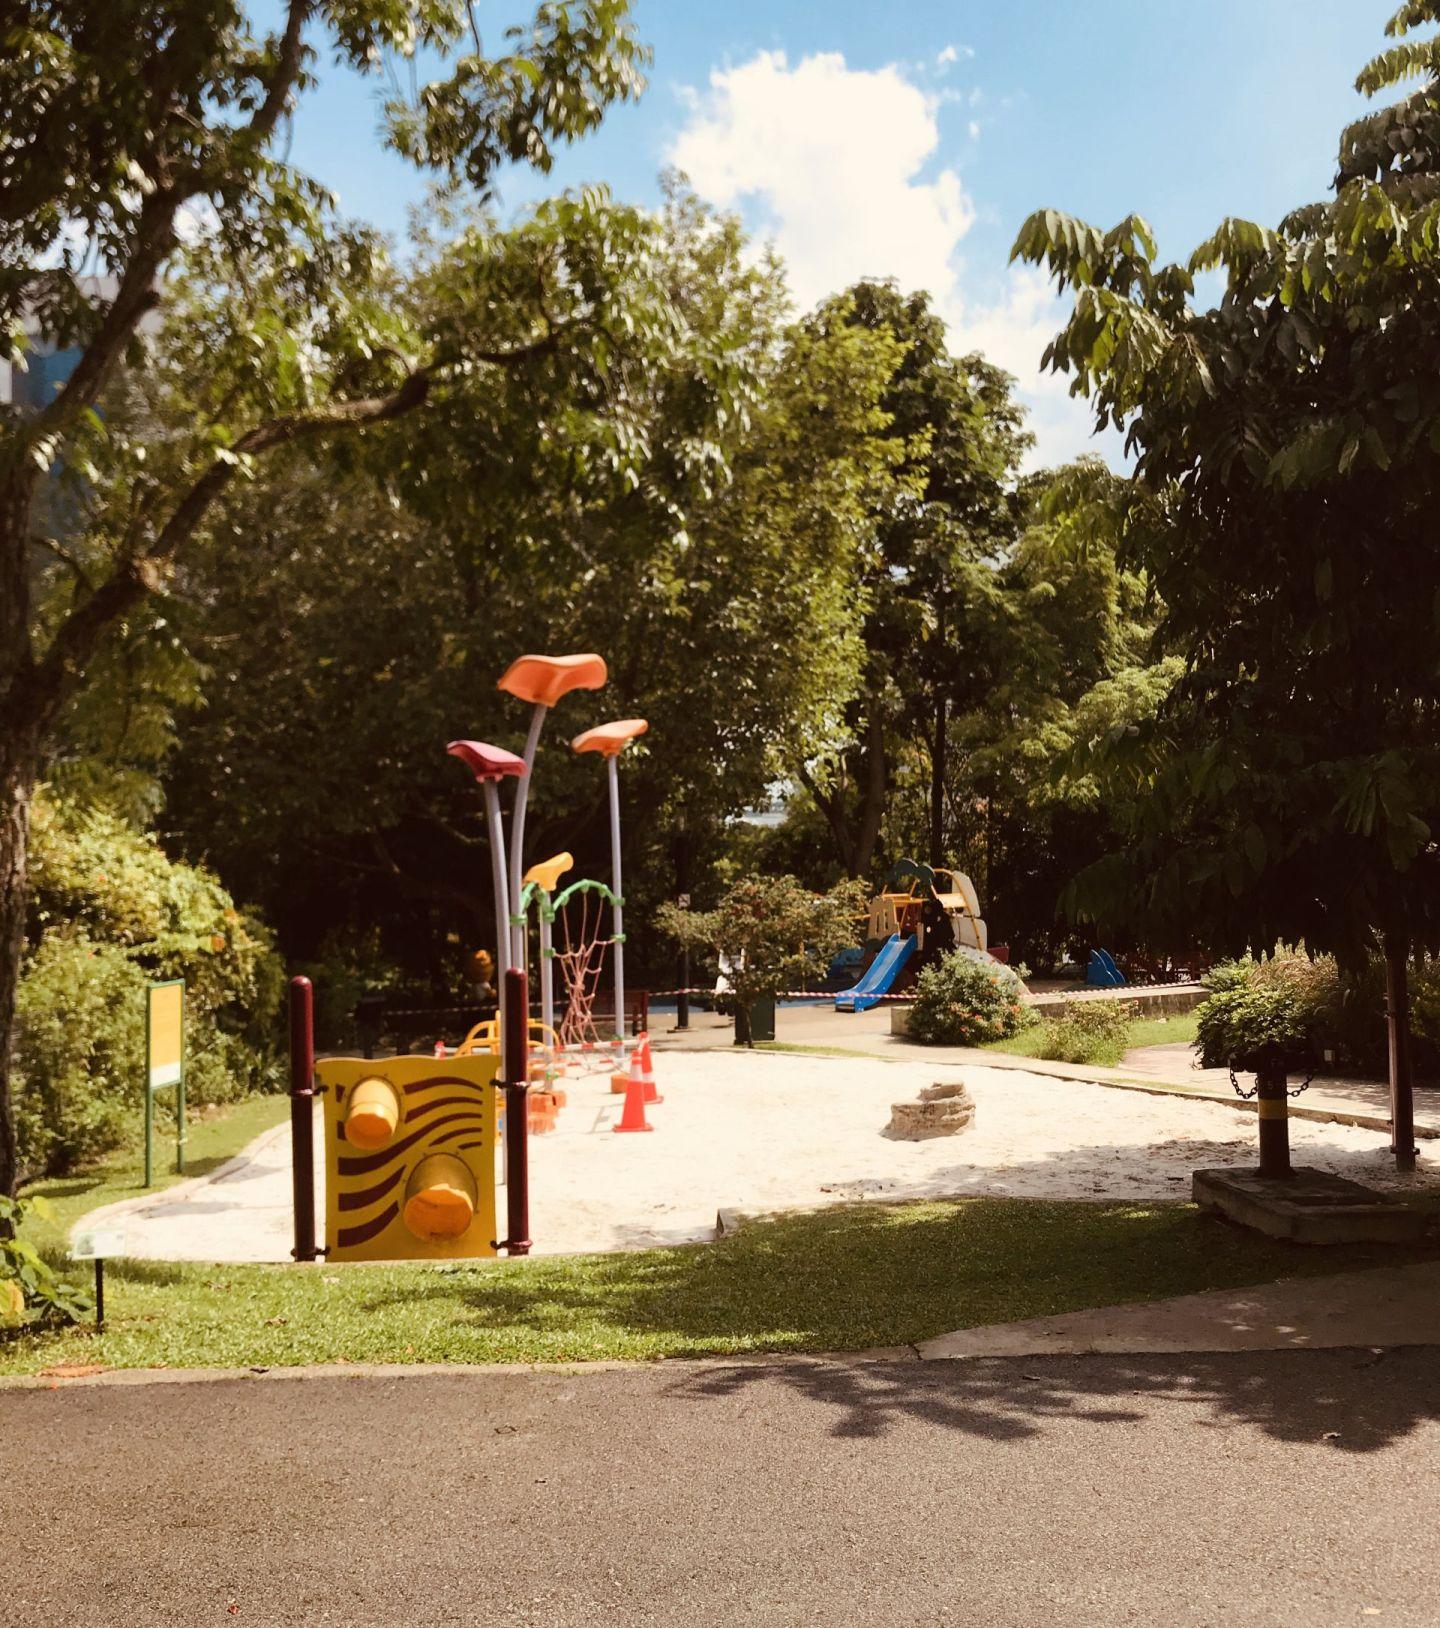 Hort-Park-playground